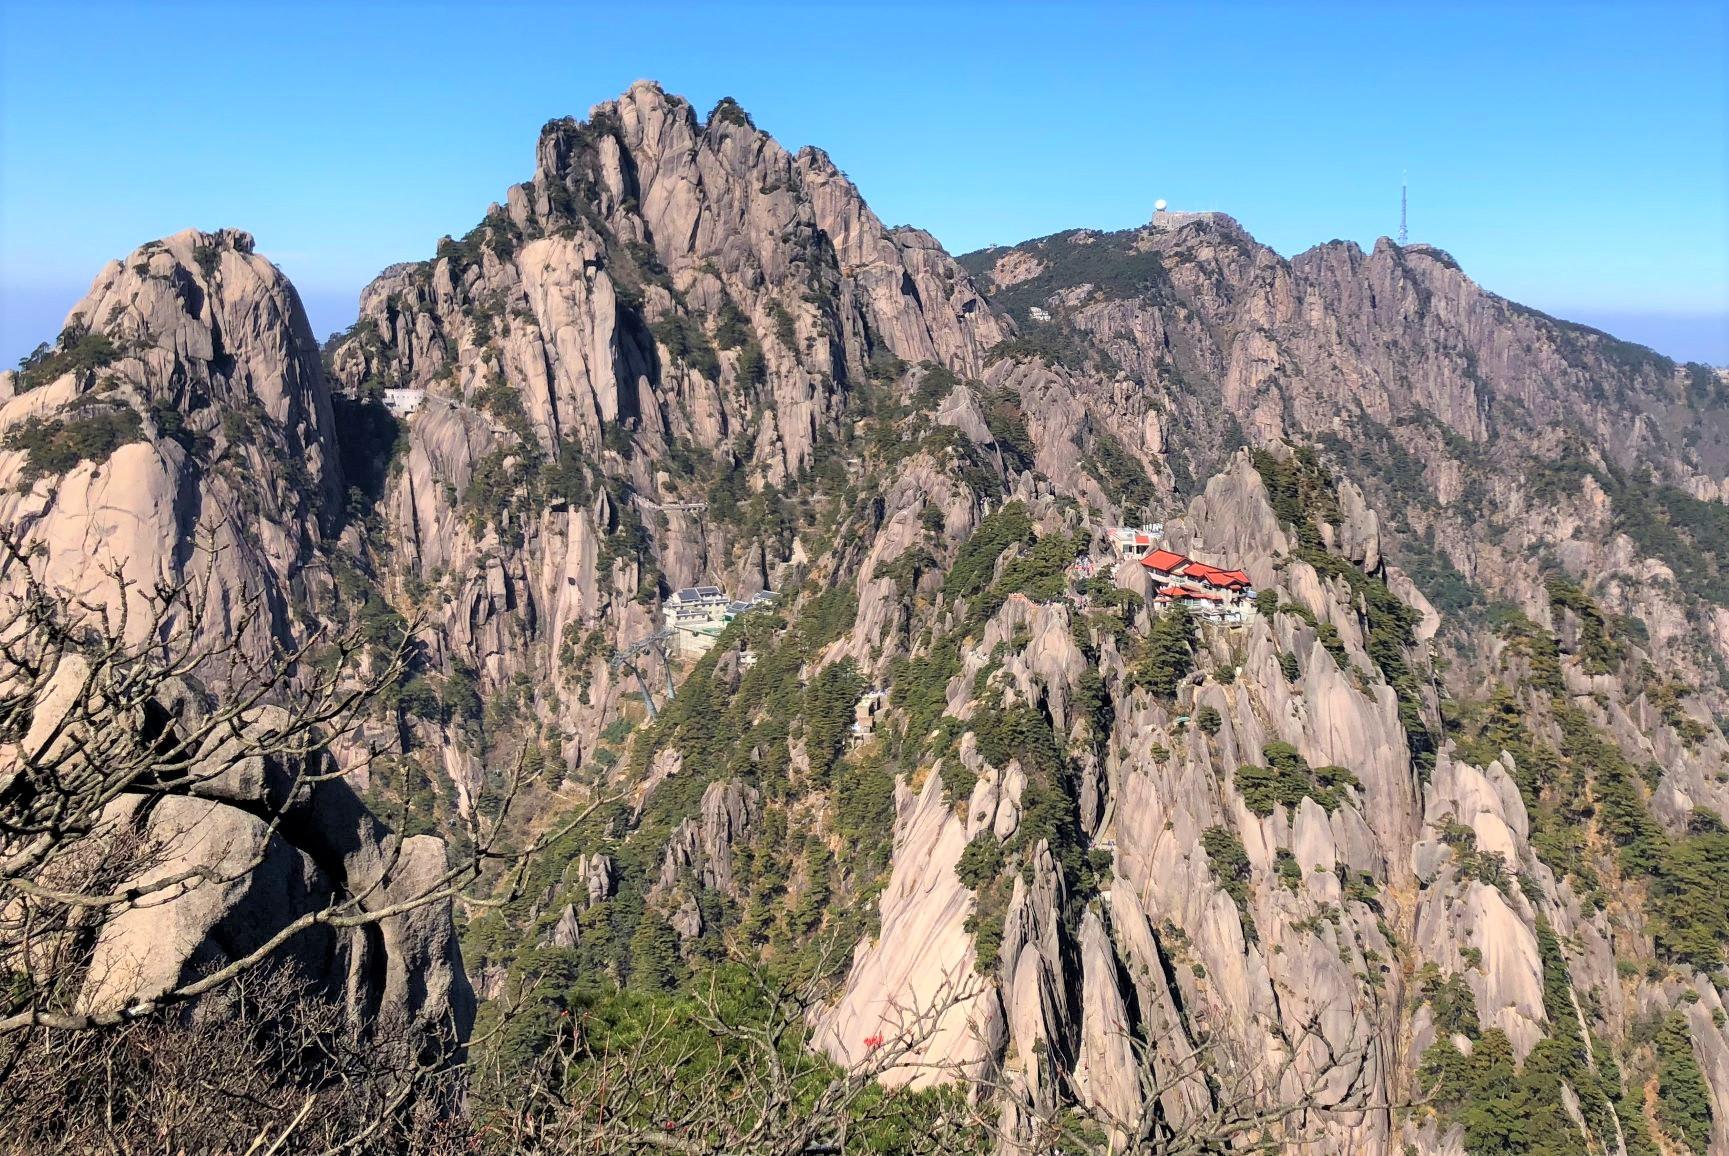 【催行予定・残席僅か】4月15日出発 天下の絶景・黄山ハイキングと杭州 5日間